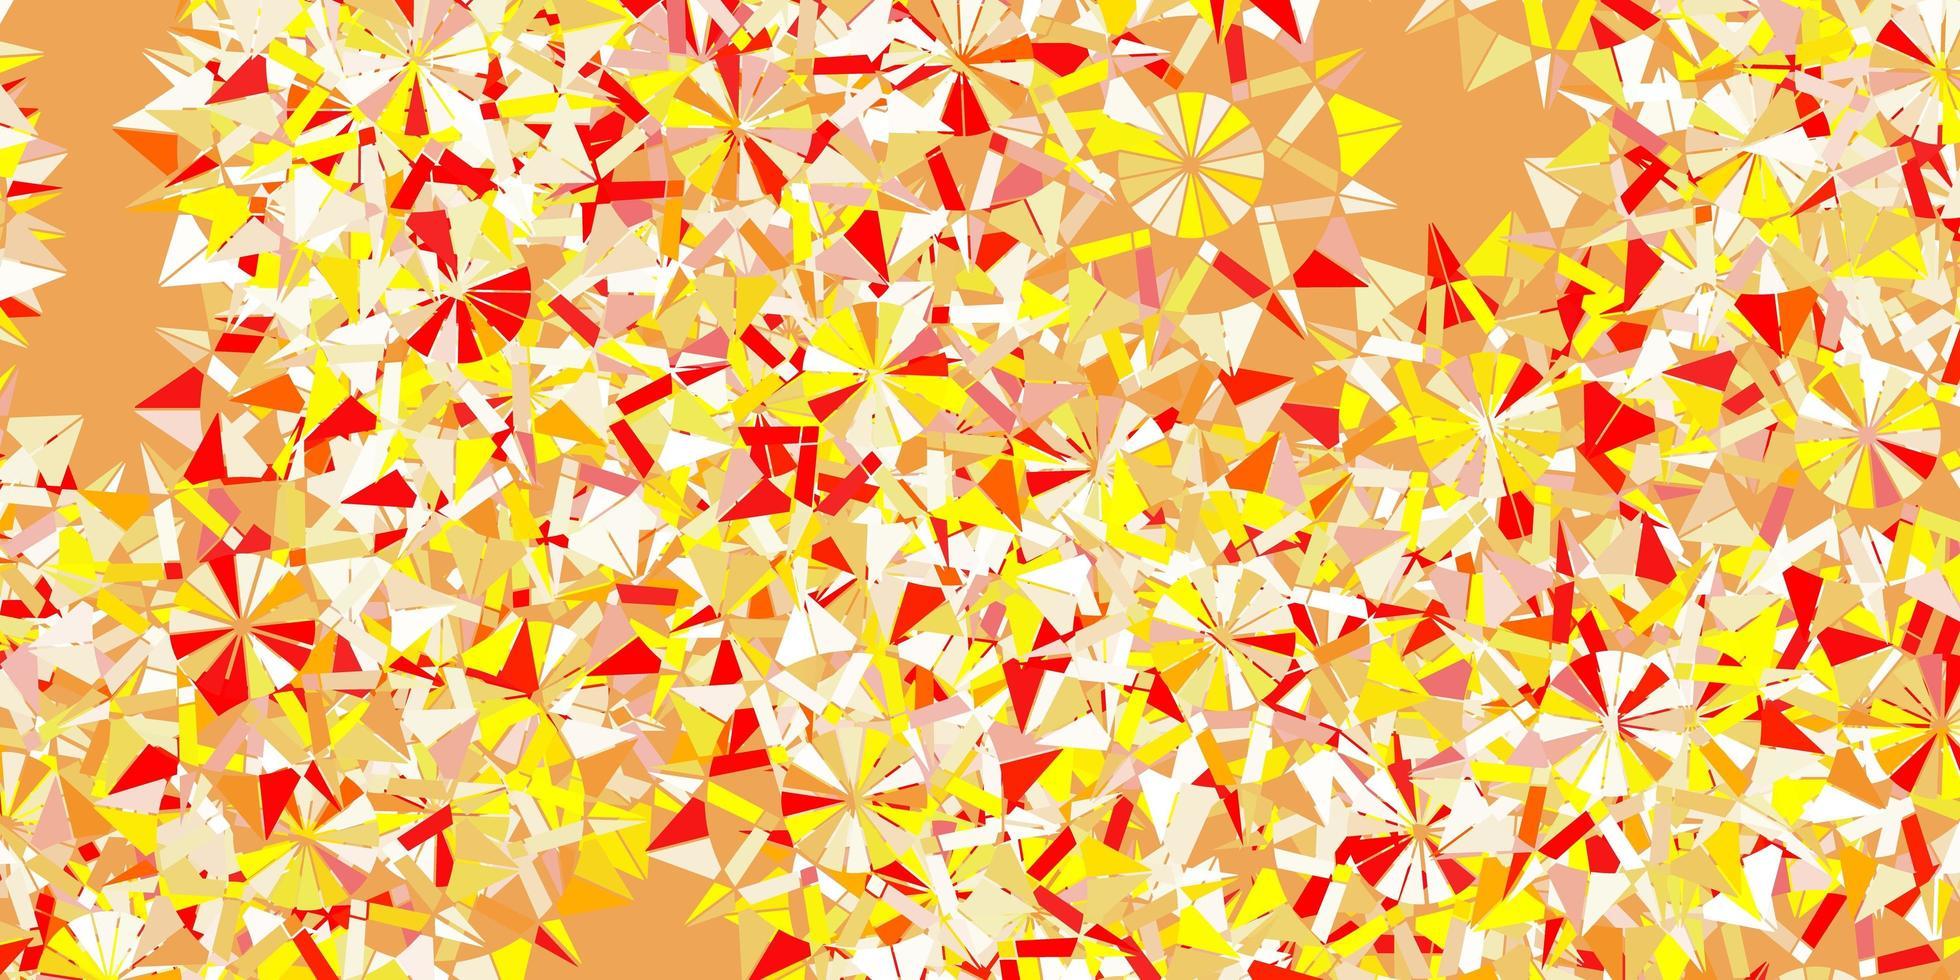 toile de fond de beaux flocons de neige vecteur rouge et jaune clair avec des fleurs.